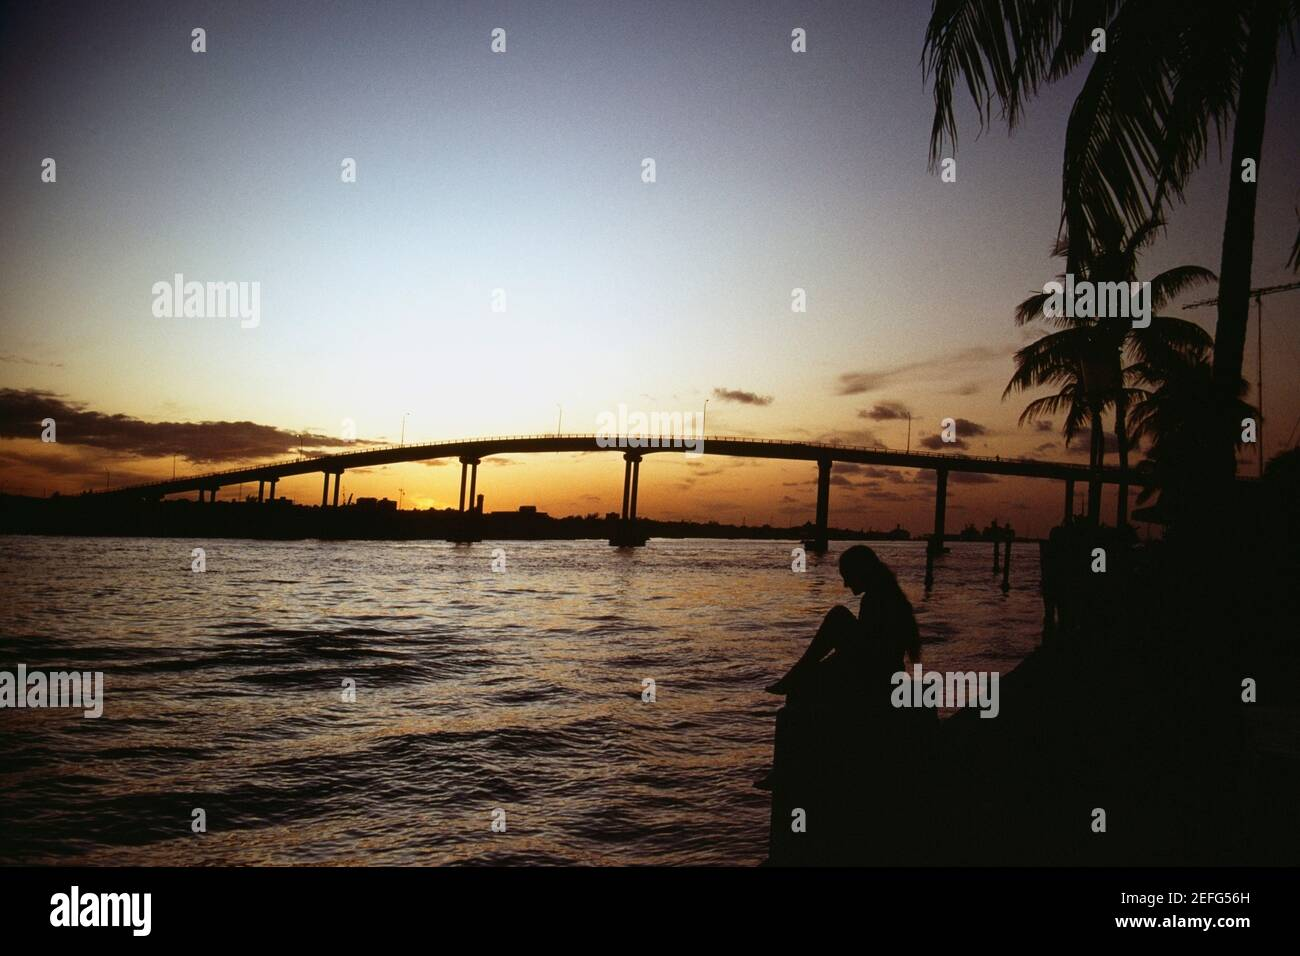 Tranquilo paisaje marino y un puente que se perfila contra el cielo al atardecer, Grand Bahamas, Bahamas Foto de stock